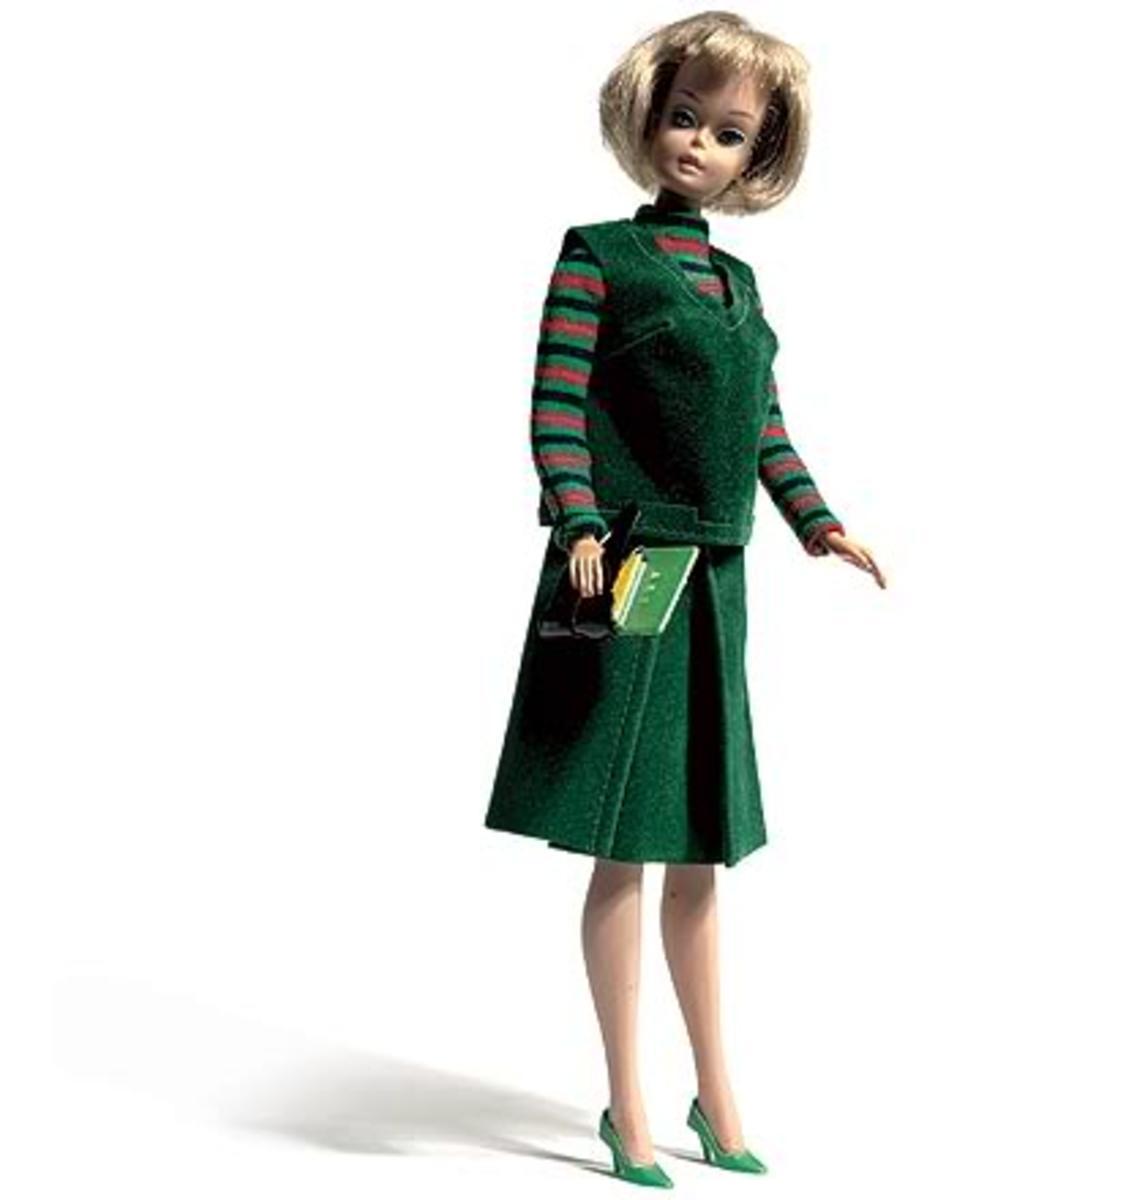 Barbie in Sorbonne